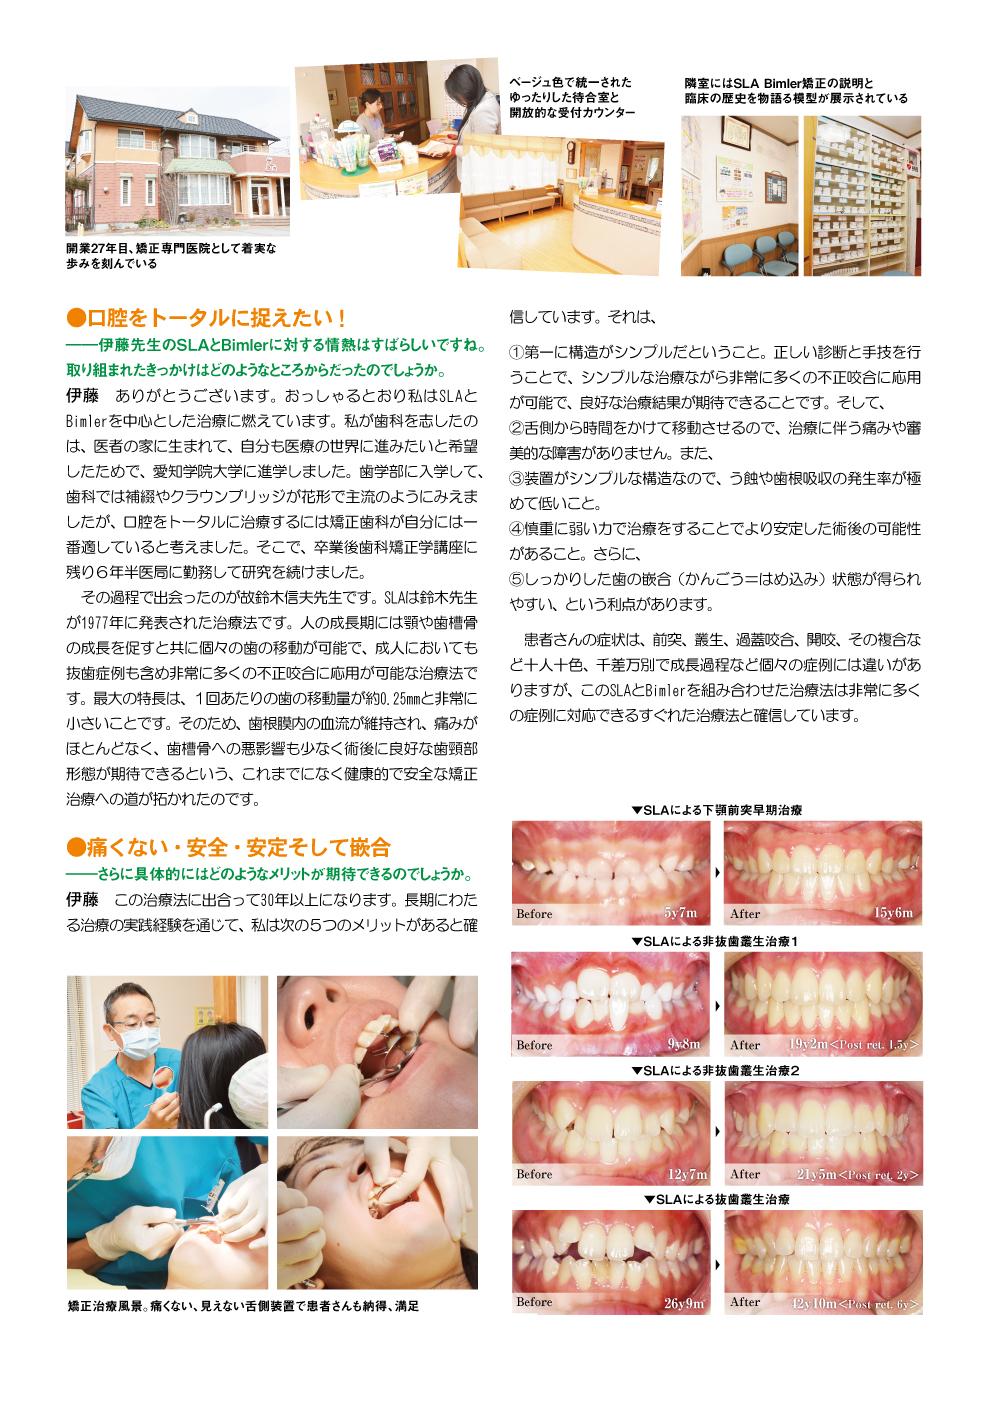 伊藤矯正歯科 雑誌掲載チラシ